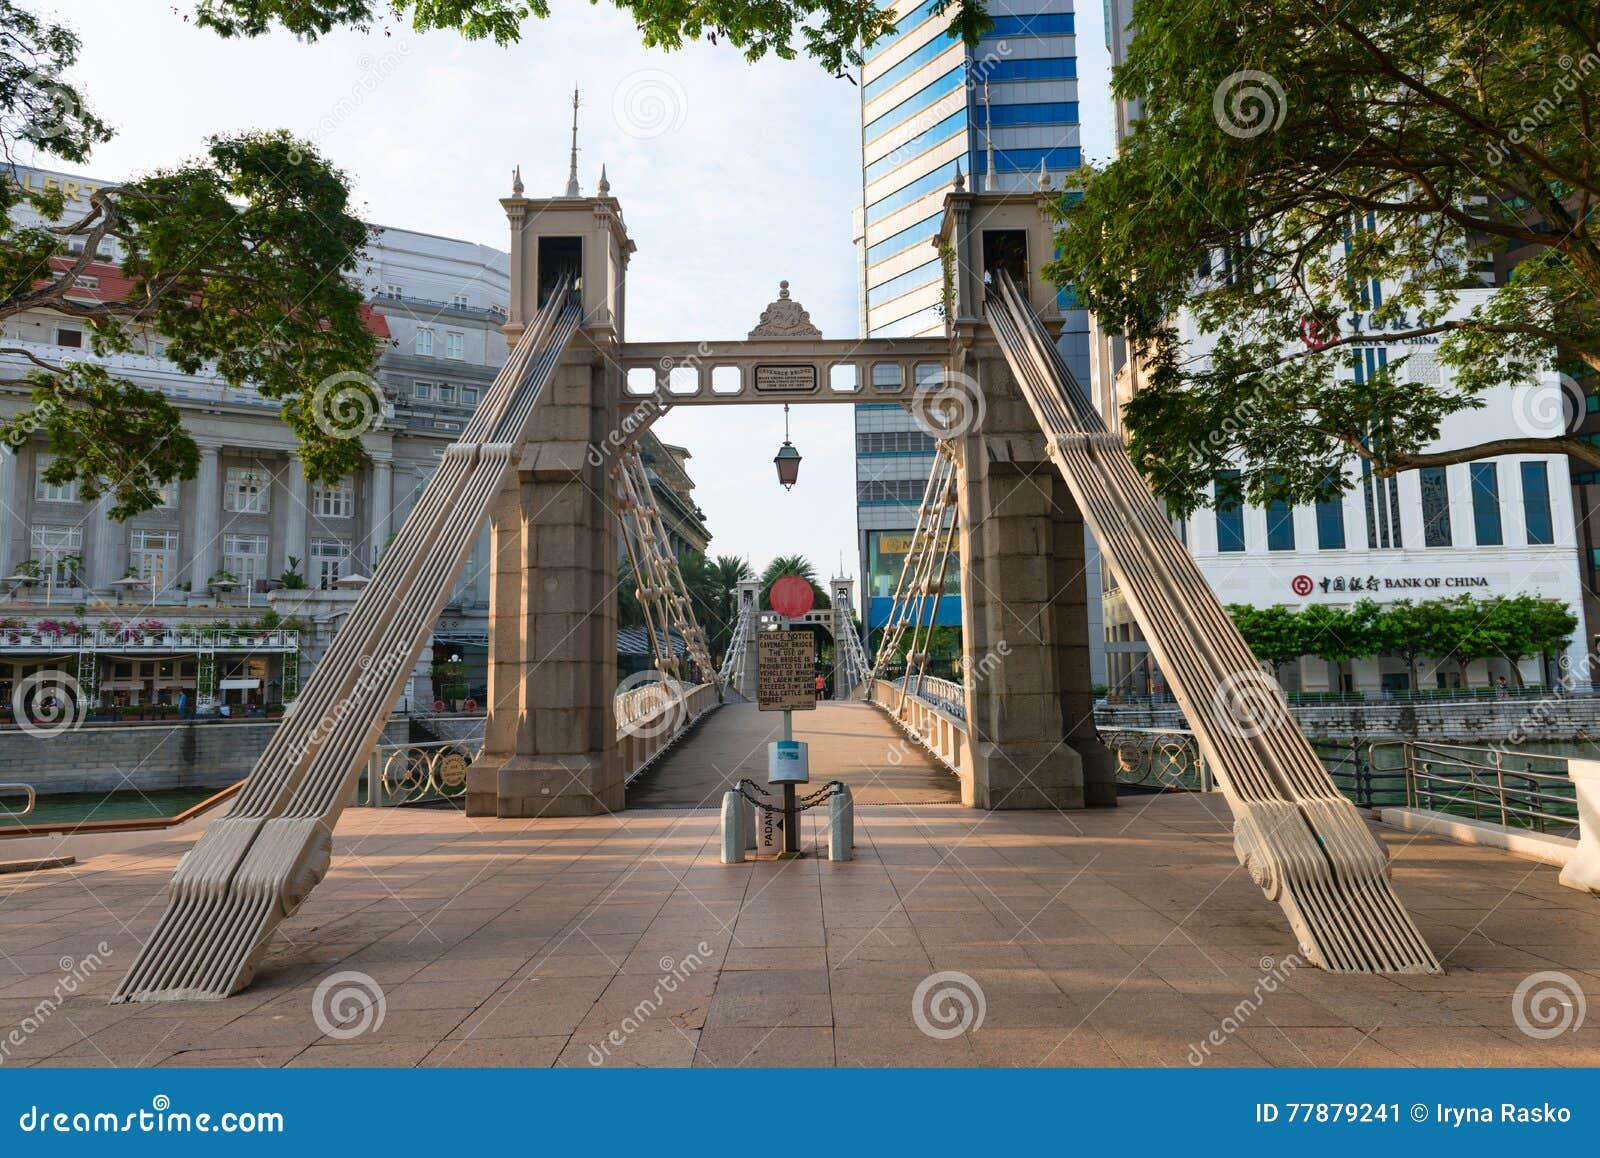 Puente Histórico De Cavenagh, Atravesando El Río De Singapur Cerca De Raff Foto editorial